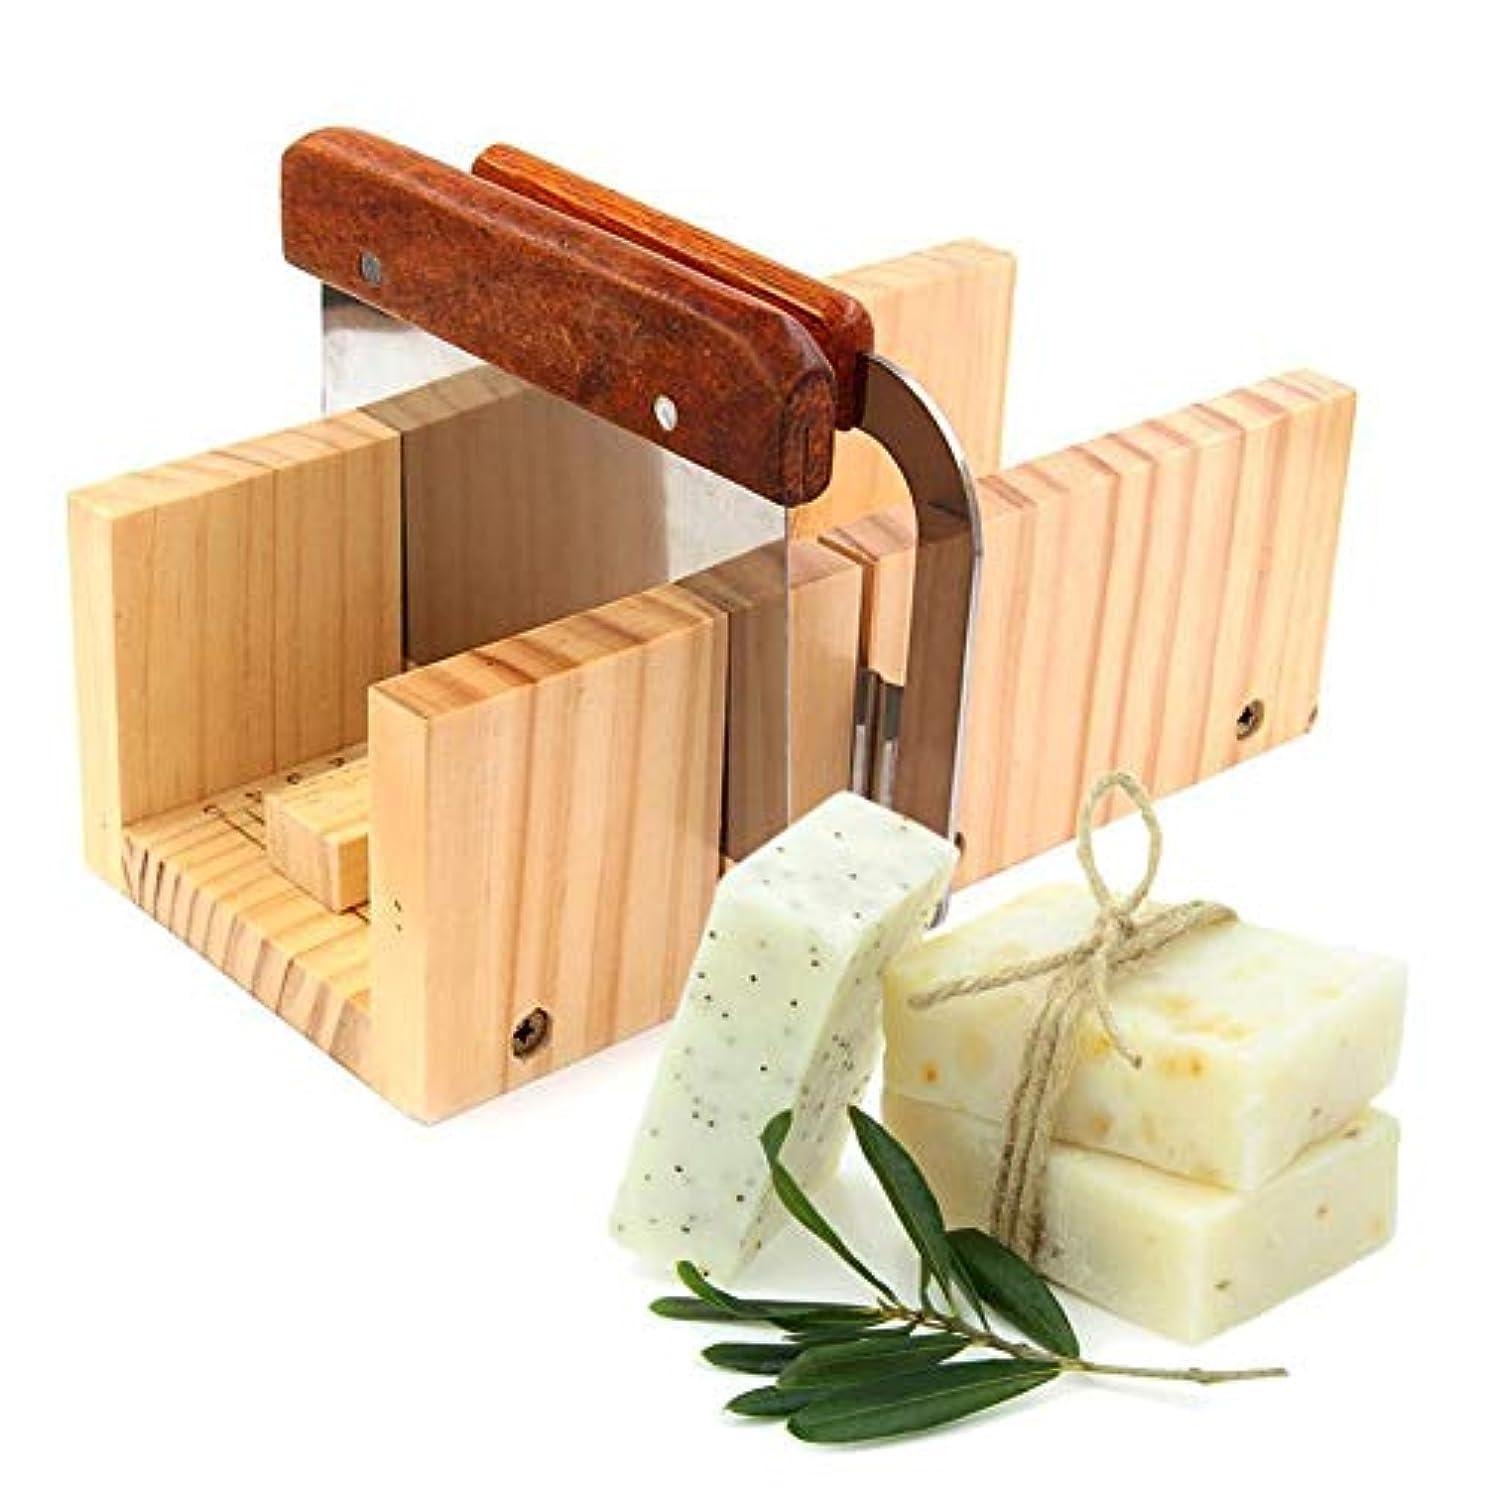 部門モバイルマイクロRagem ソープカッター 手作り石鹸金型 木製 ローフカッターボックス 調整可能 多機能ソープ切削工具 ストレートプレーニングツール